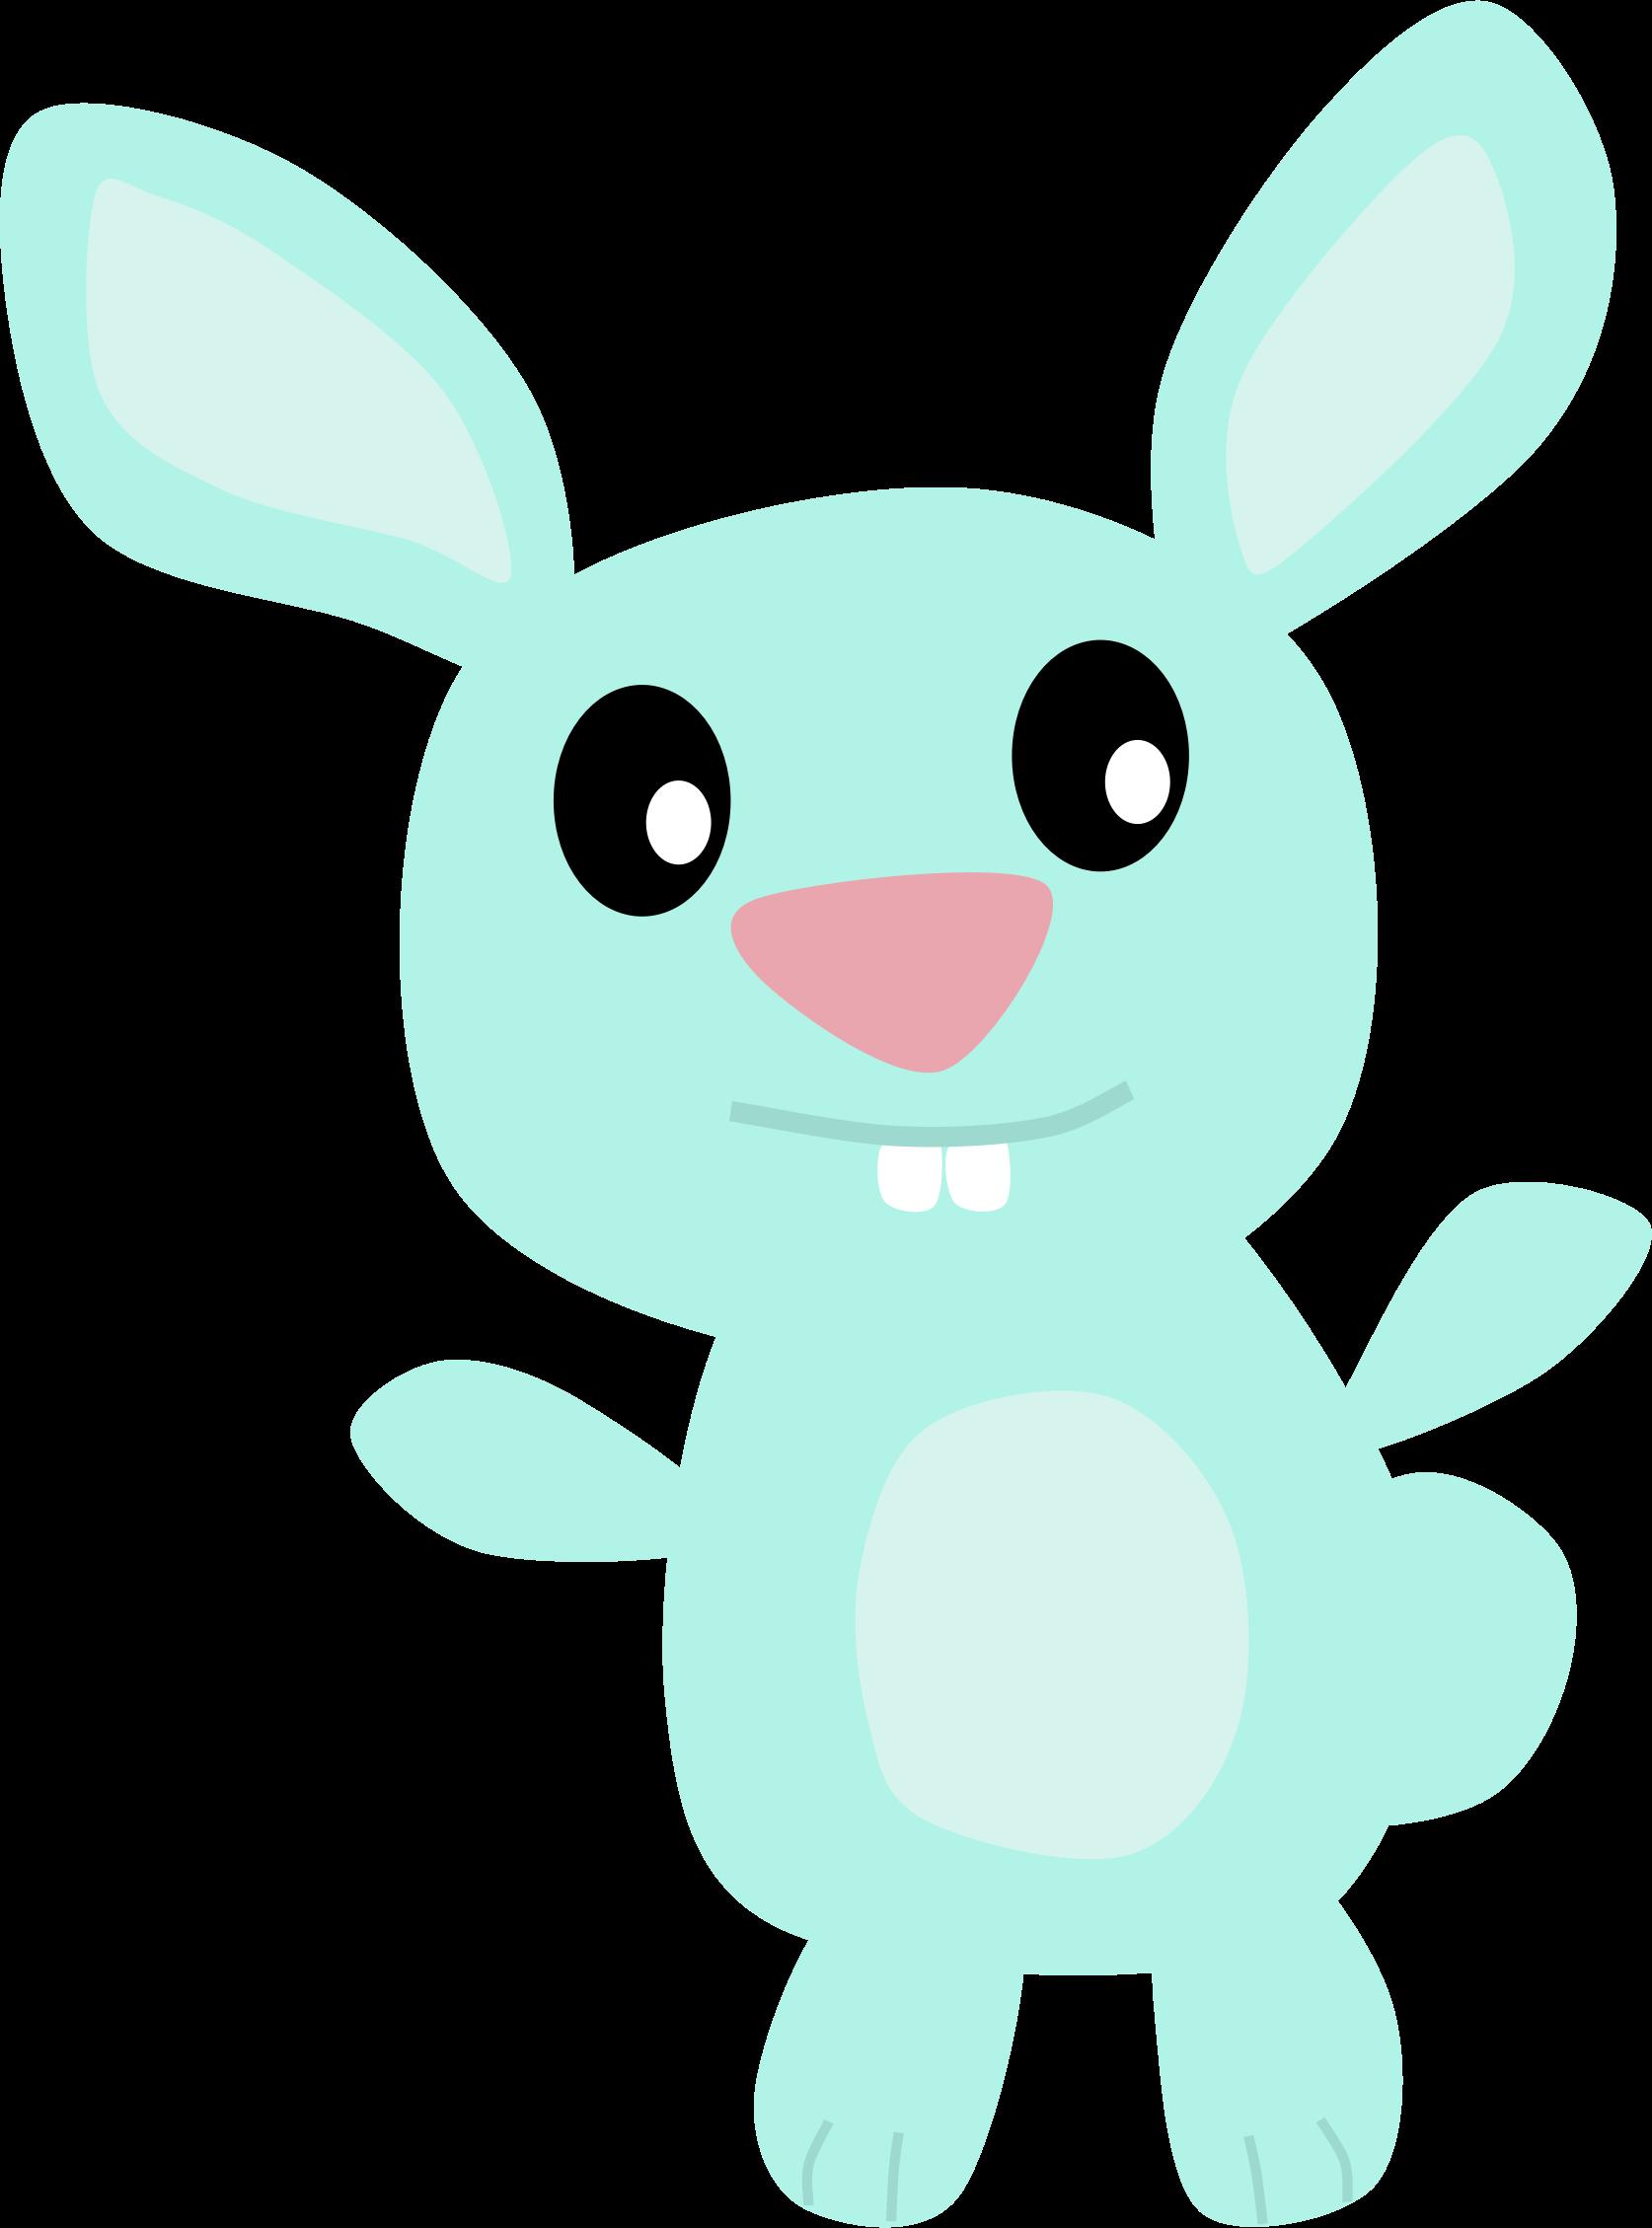 Bunny big image png. Clipart rabbit blue